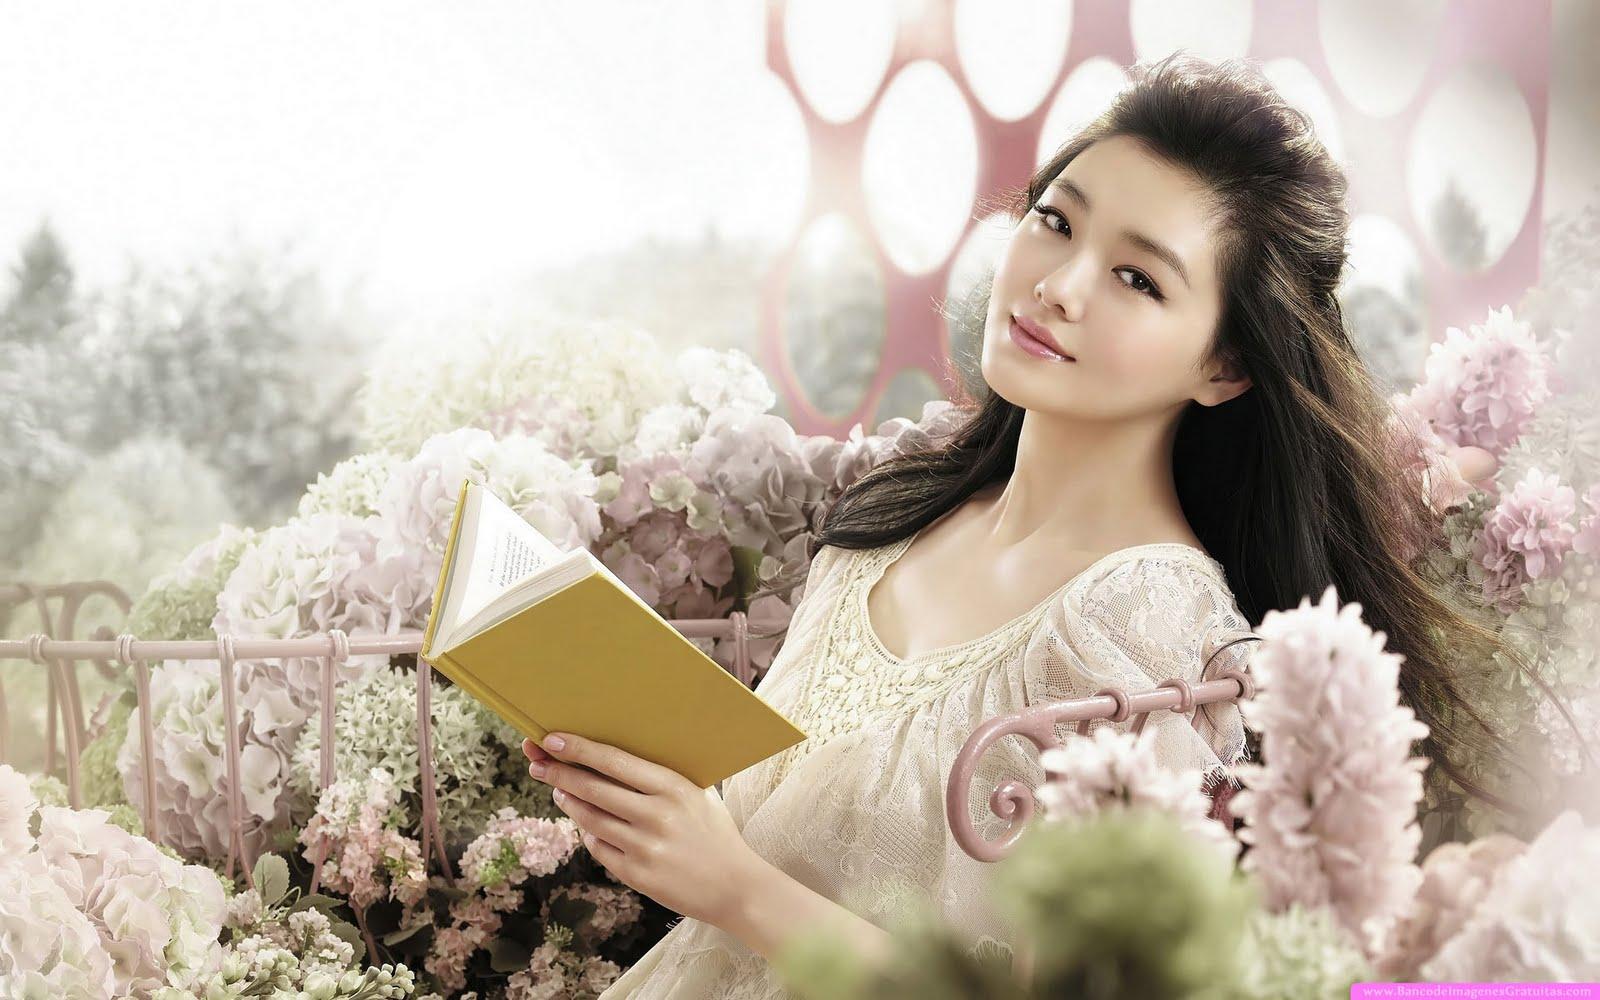 Hermosa mujer asiática leyendo un libro (wallpaper)